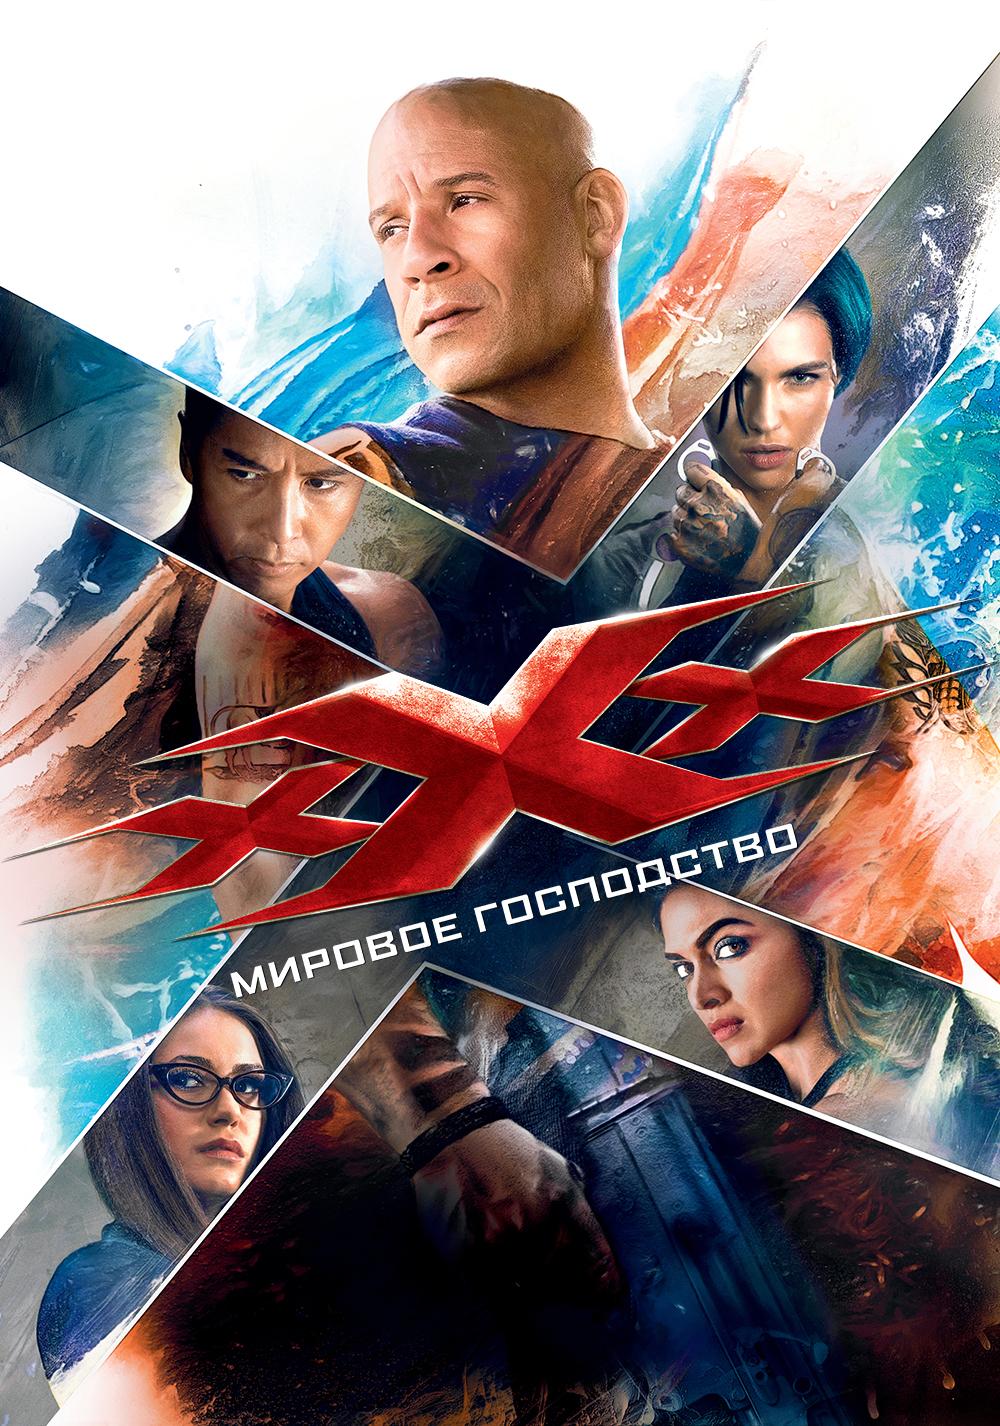 Xxx Retur af Xander Cage Movie Fanart Fanarttv-4022